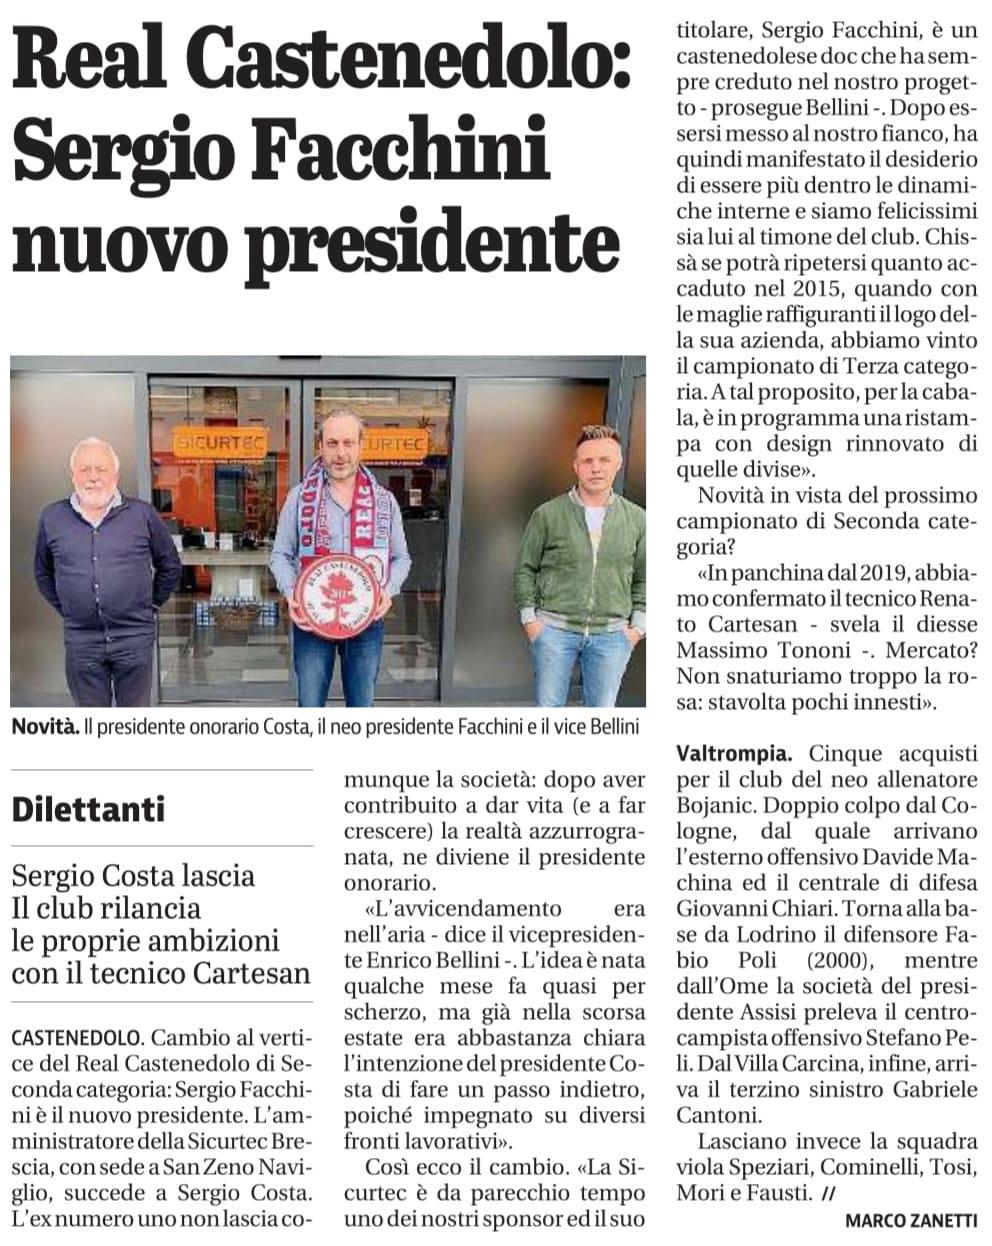 Giornale di Brescia 24 Maggio